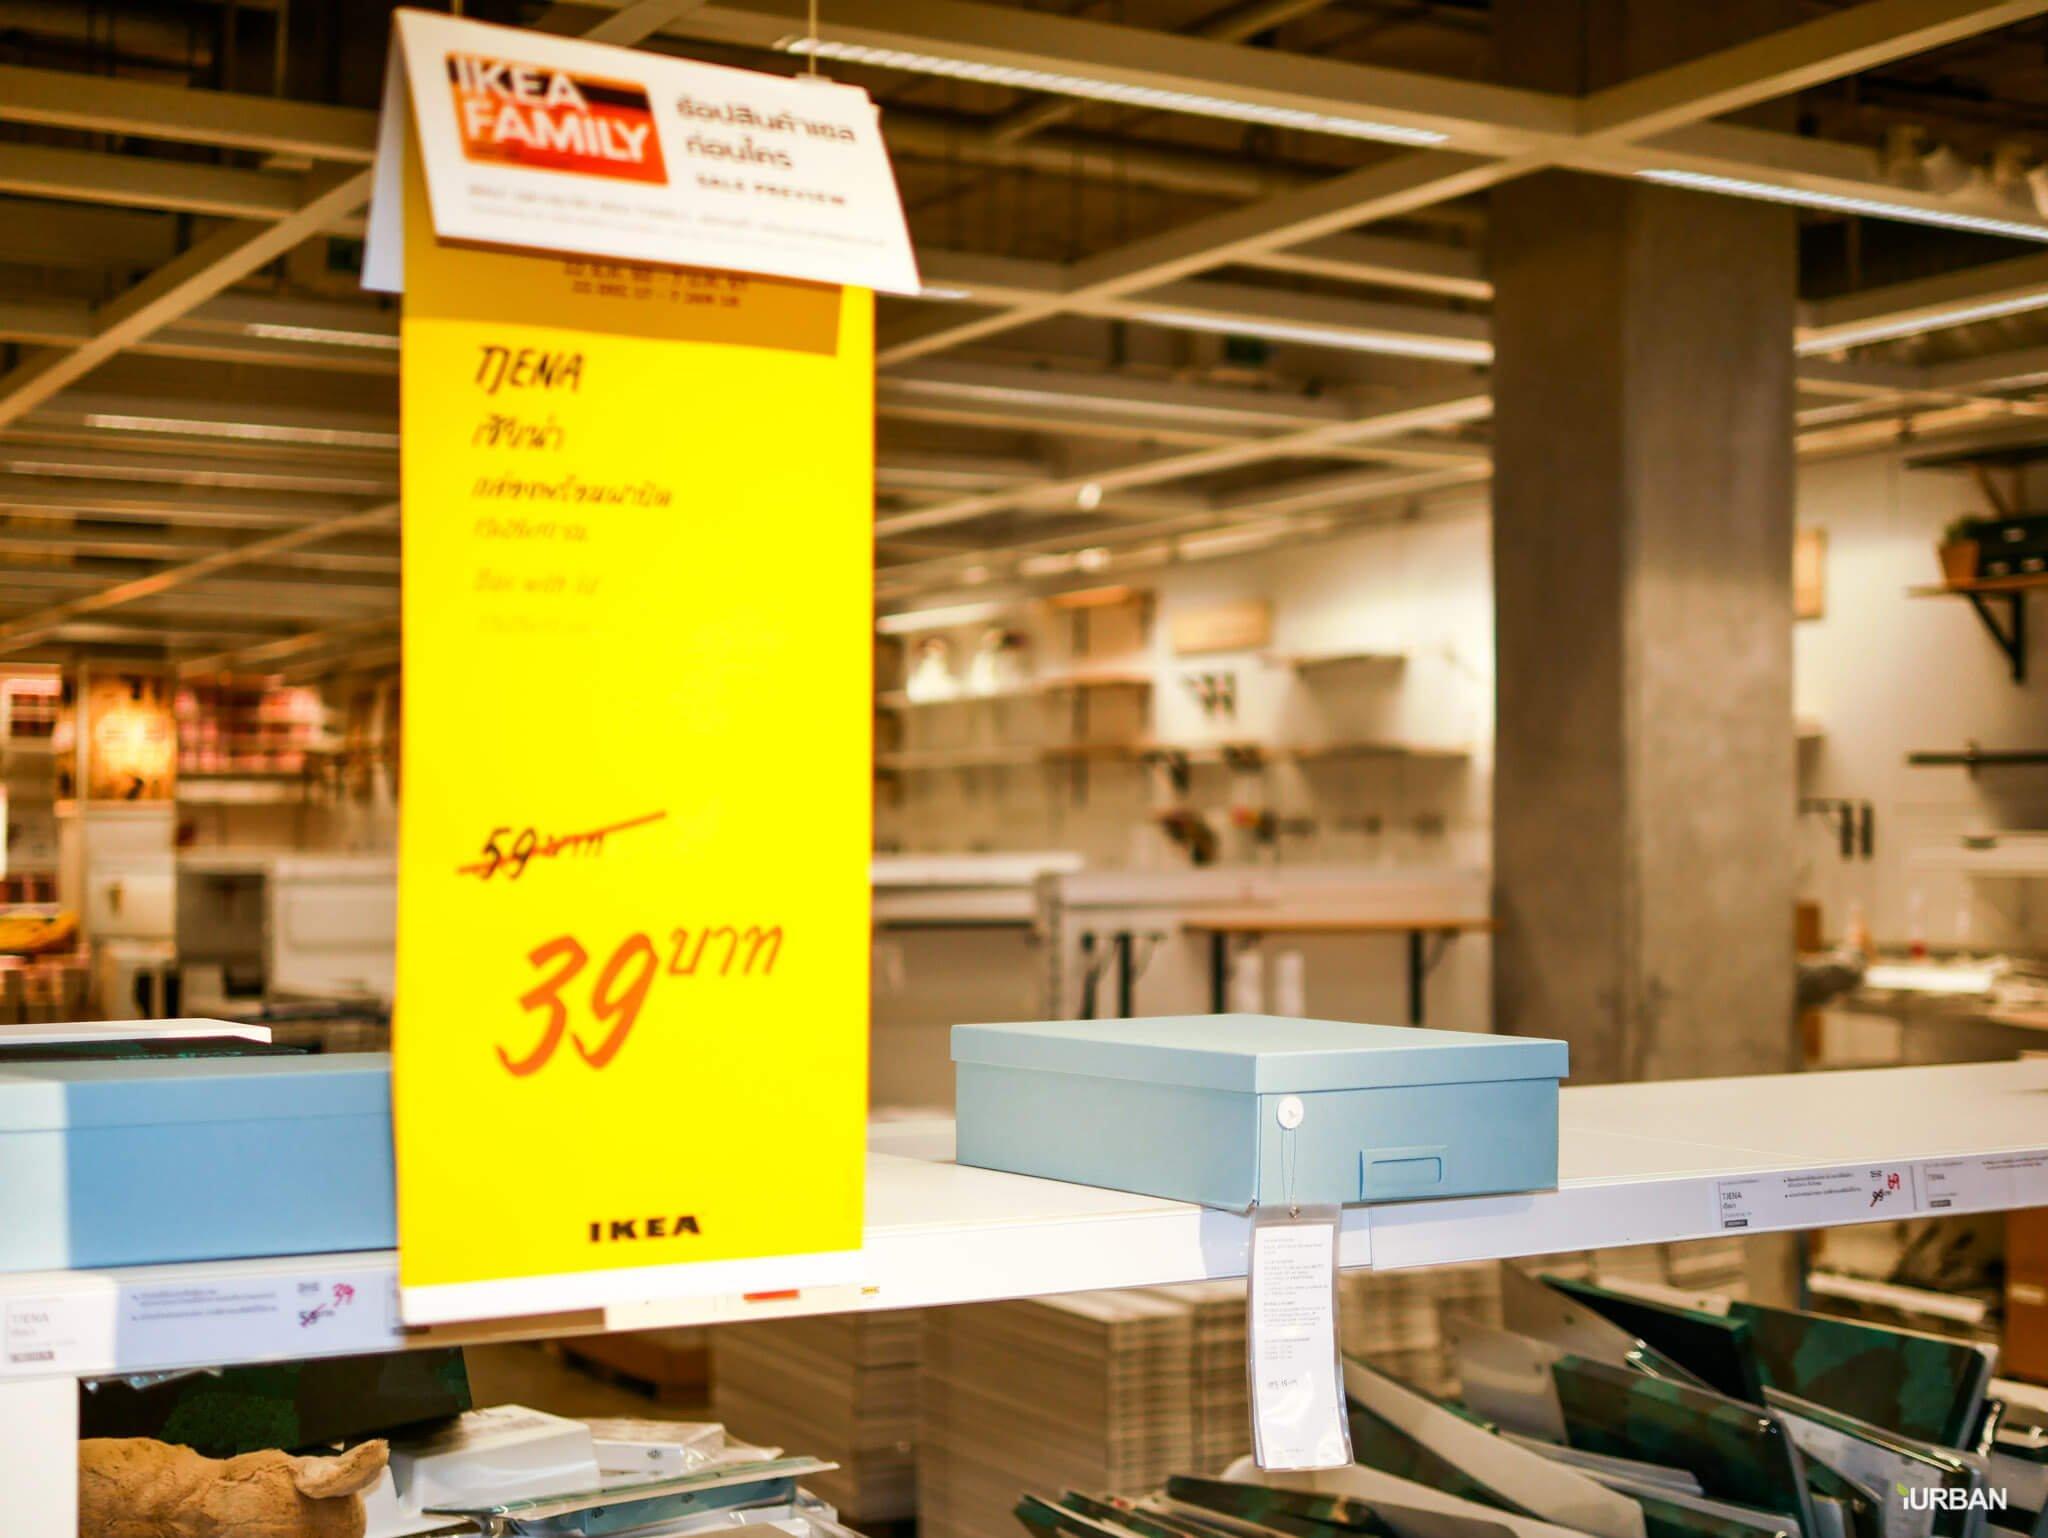 มันเยอะมากกกก!! IKEA Year End SALE 2017 รวมของเซลในอิเกีย ลดเยอะ ลดแหลก รีบพุ่งตัวไป วันนี้ - 7 มกราคม 61 169 - IKEA (อิเกีย)